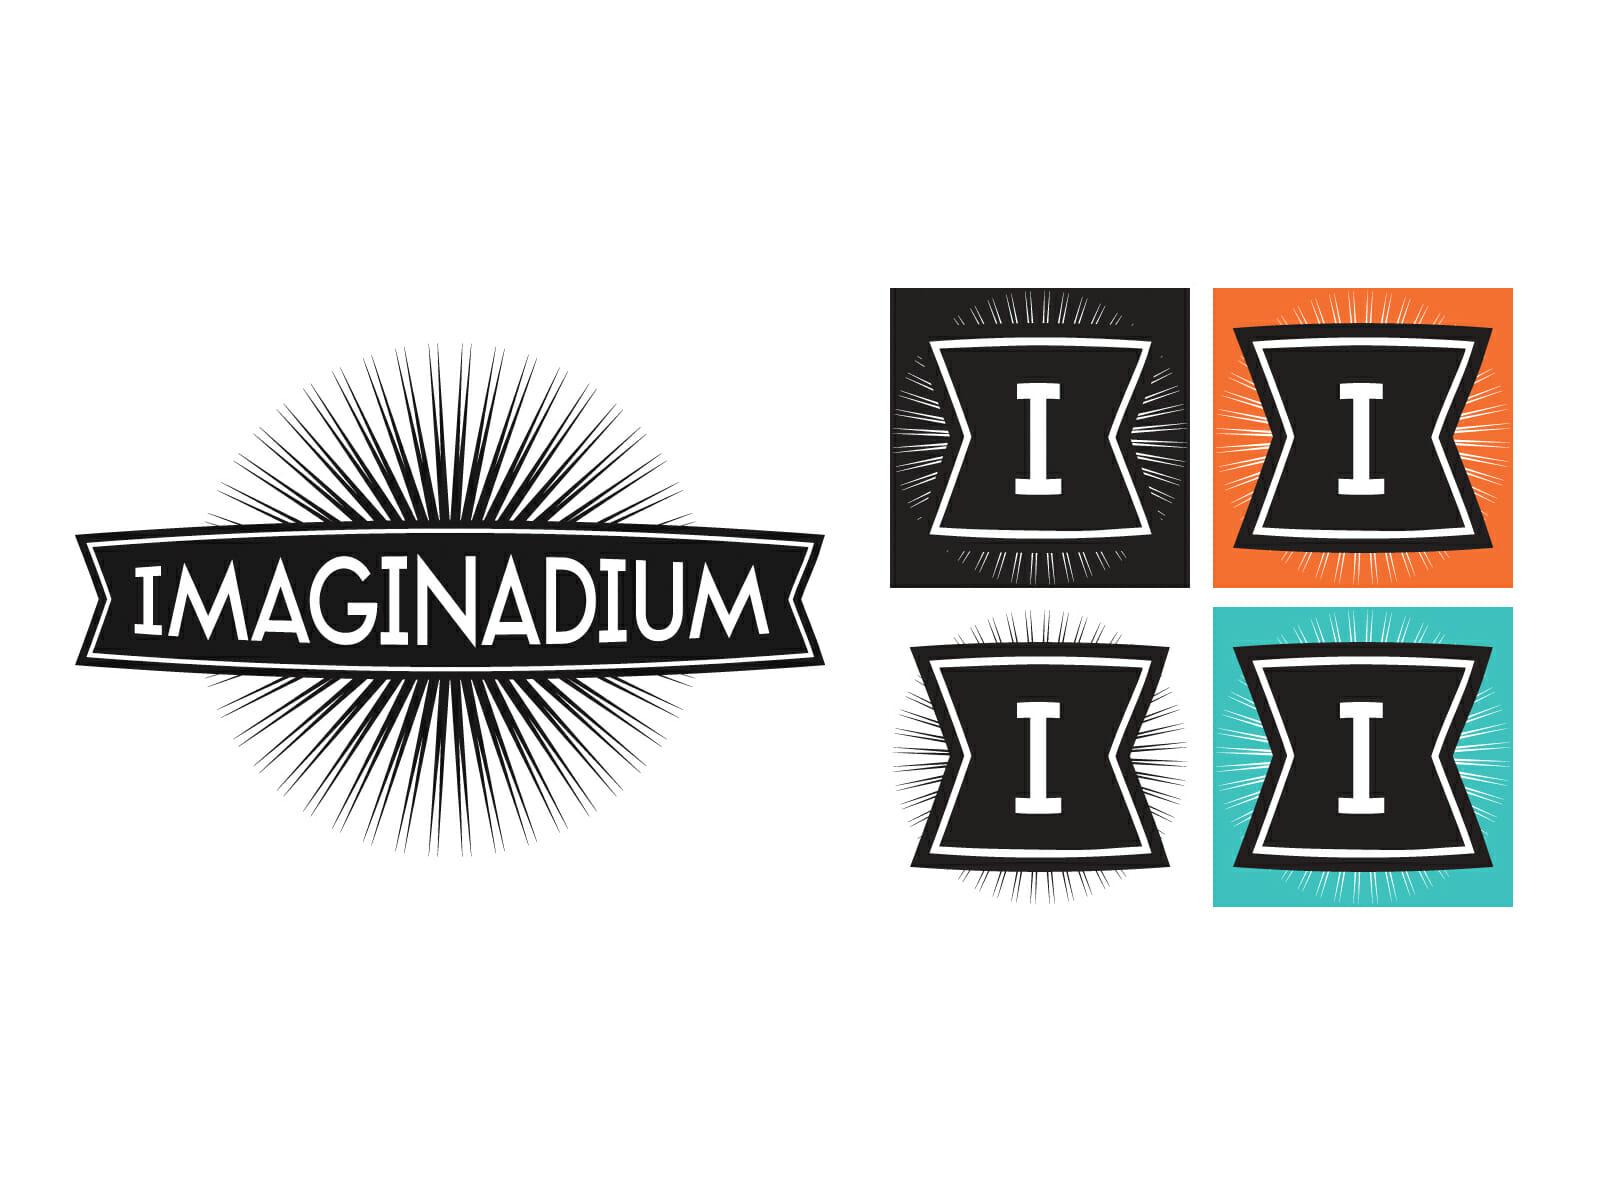 Imaginadium_logo